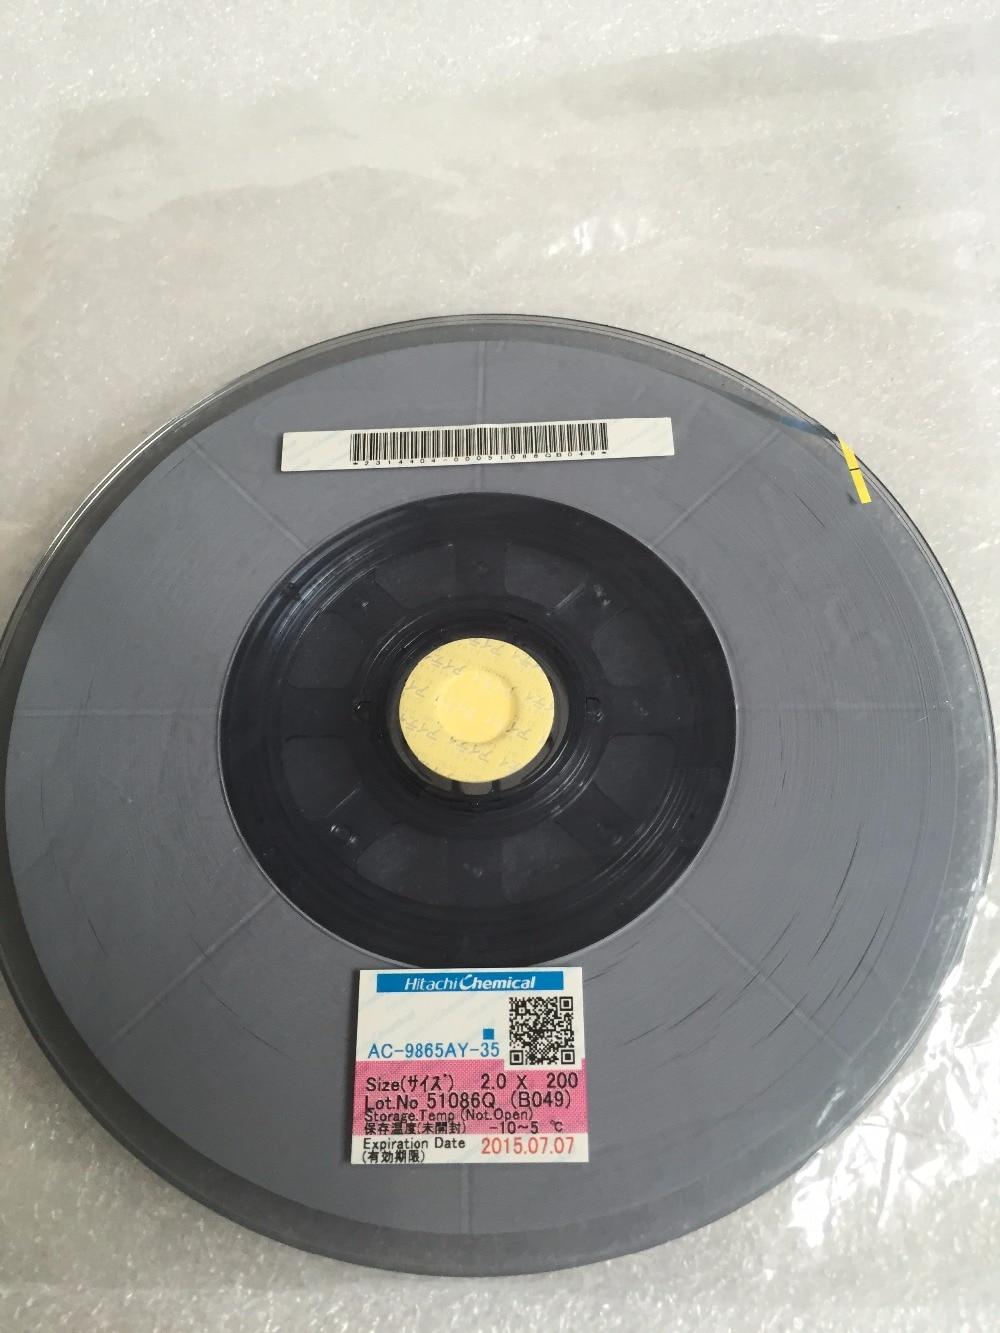 Original  ACF  AC-9865AY-35   PCB Repair  TAPE 2.0 M -25 M  New Date